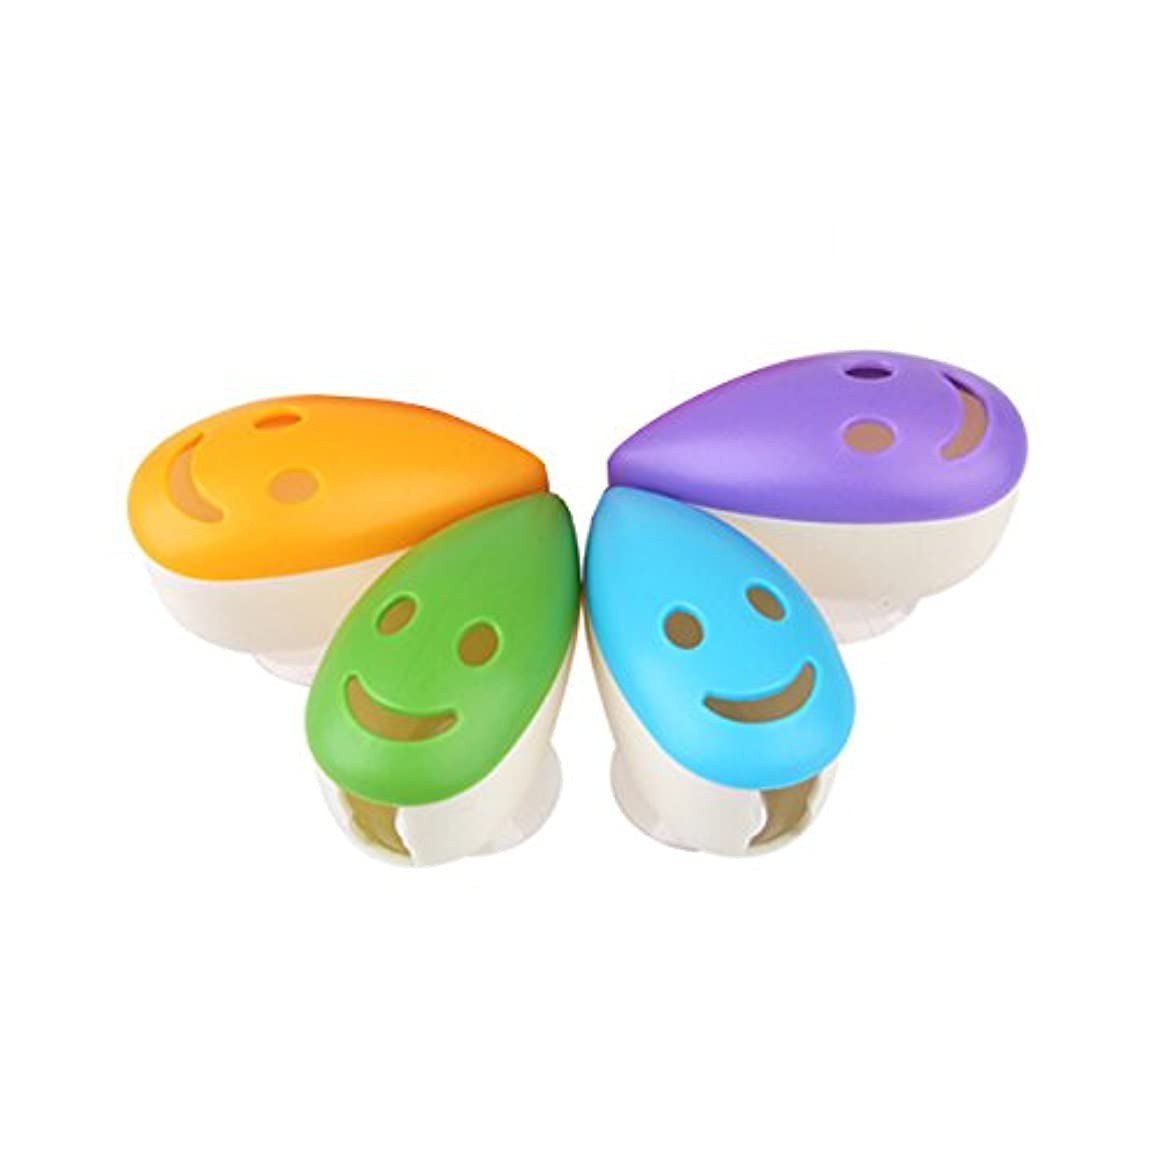 強制クラフト忠実ROSENICE スマイルフェイス抗菌歯ブラシヘッドホルダーサクションカップ4本用